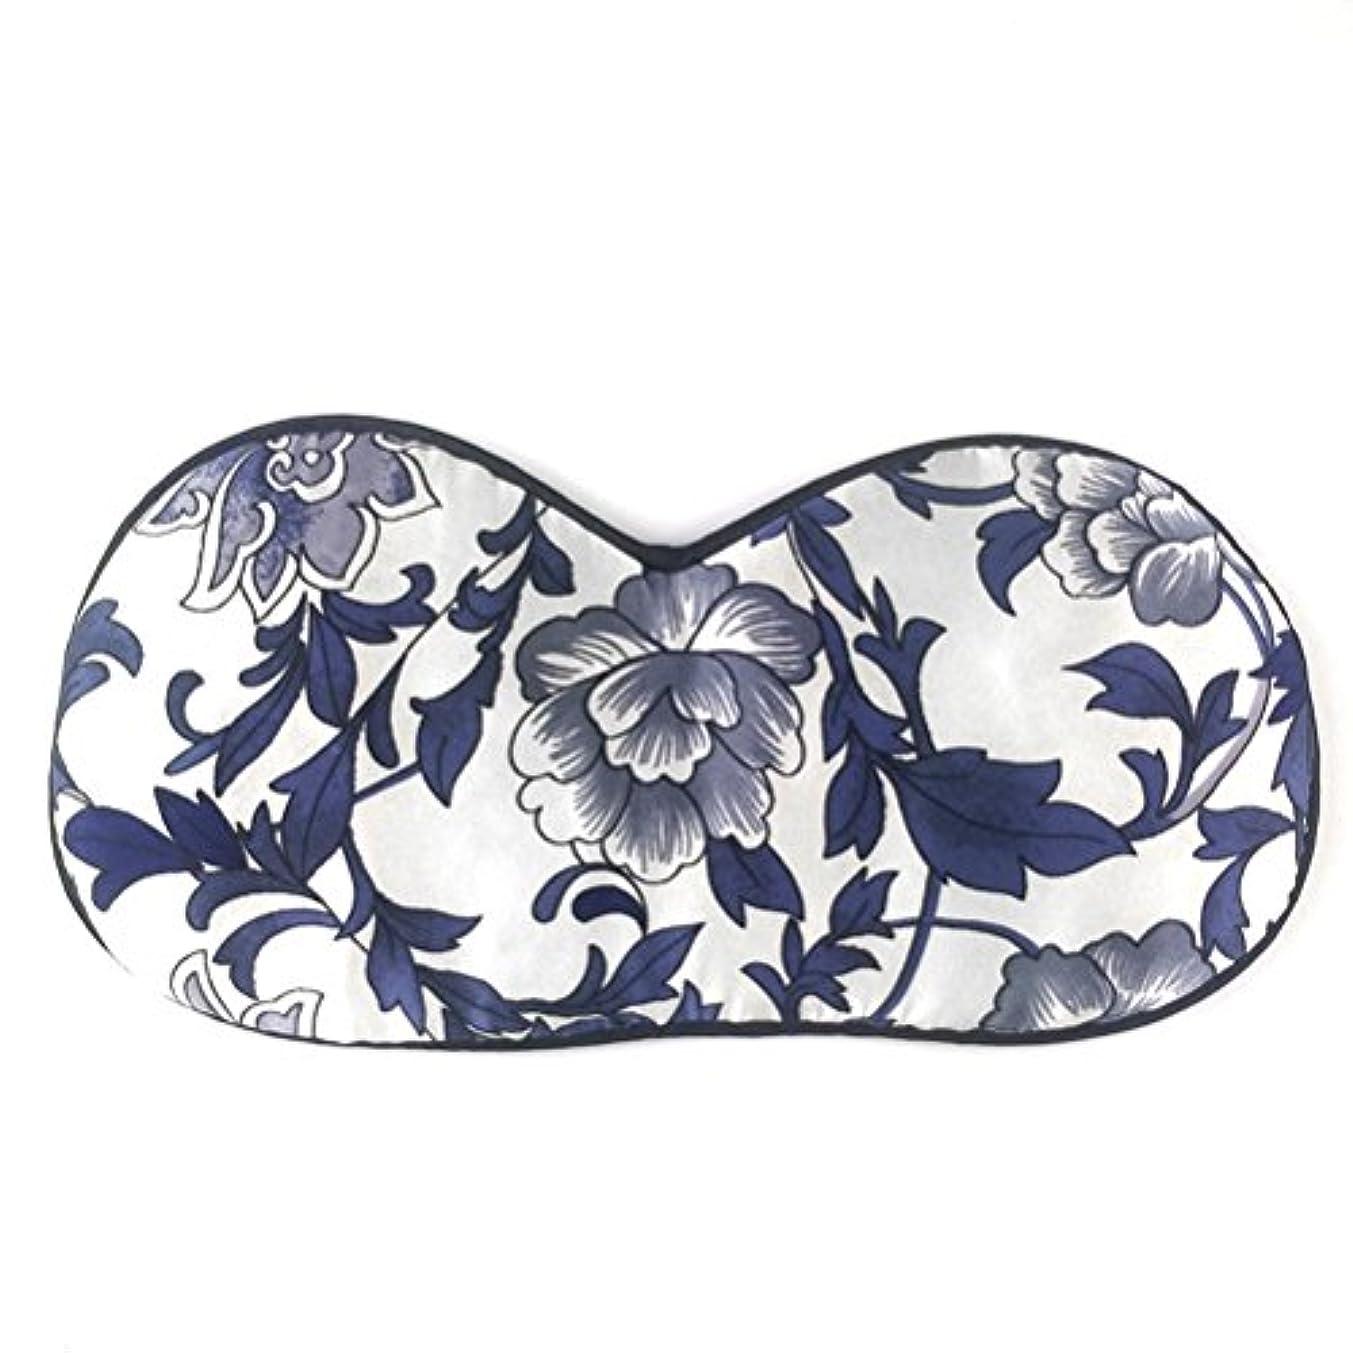 公爵夫人甲虫不定ULTNICE シルク睡眠の目のマスク目隠しのアイシャドウ女性のための睡眠の昼寝の瞑想(青と白の磁器)